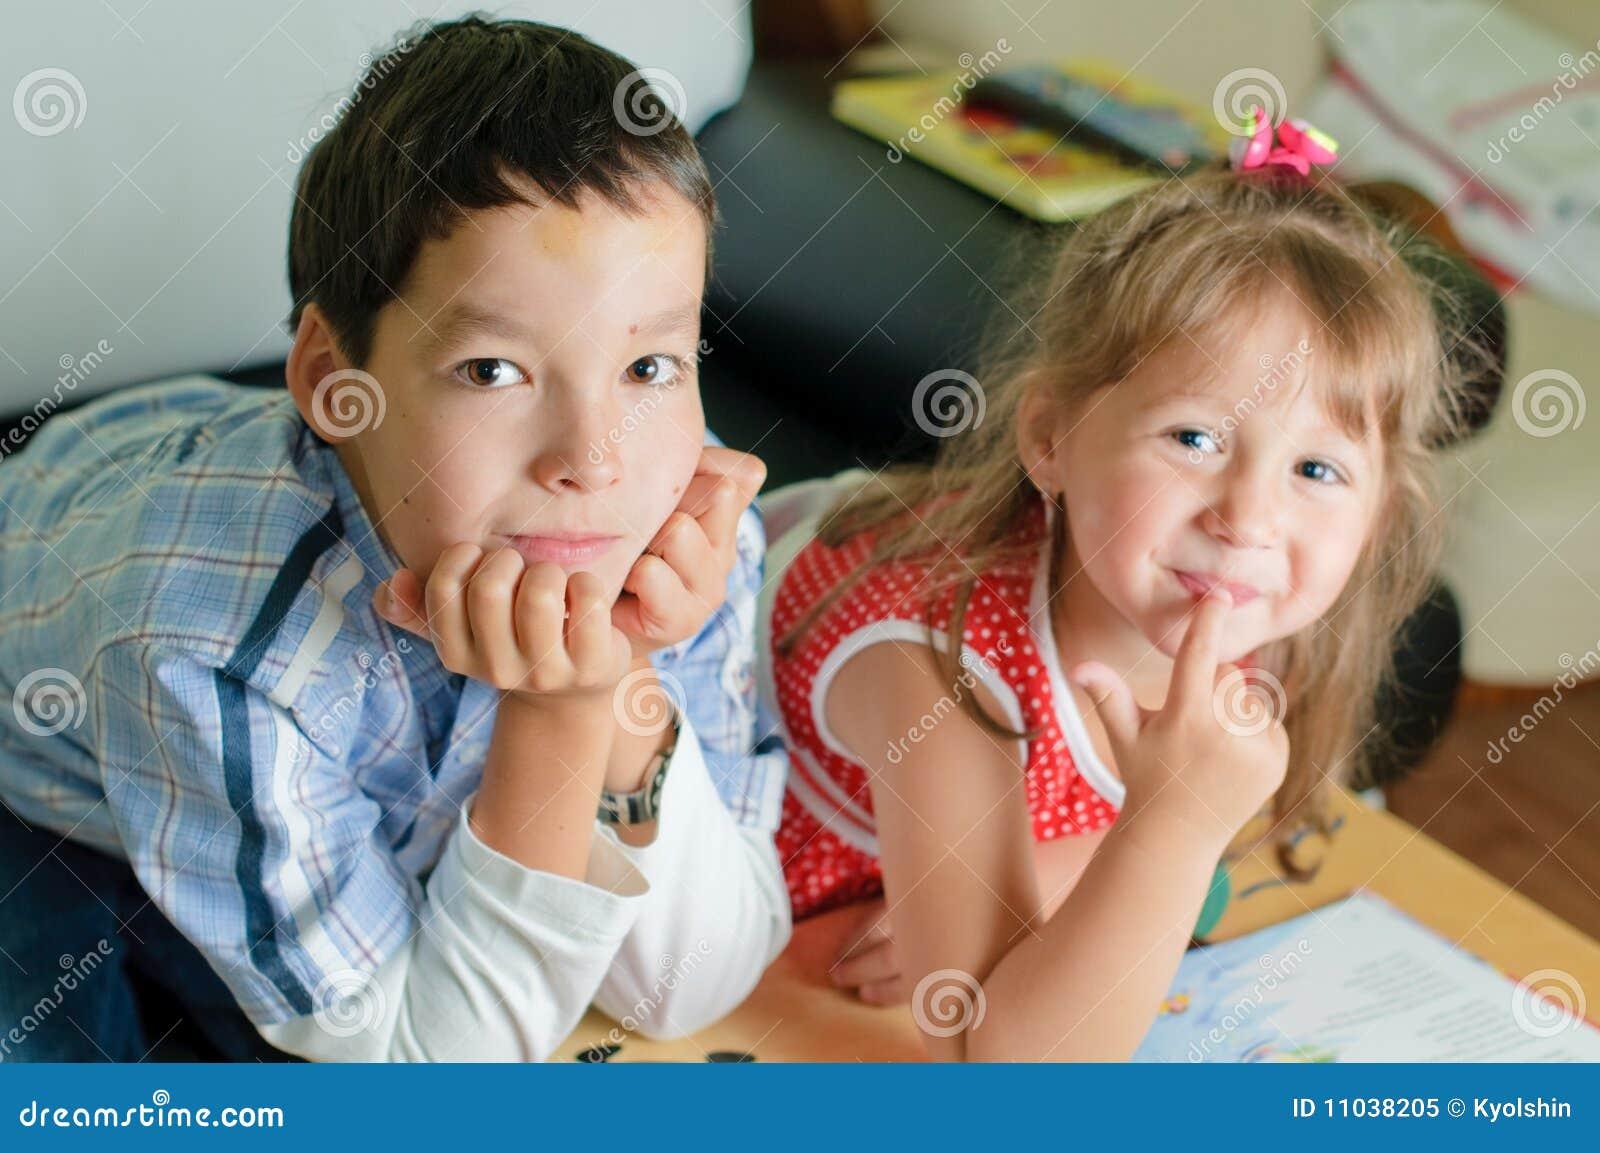 Русские брат с сестрой трахается 17 фотография